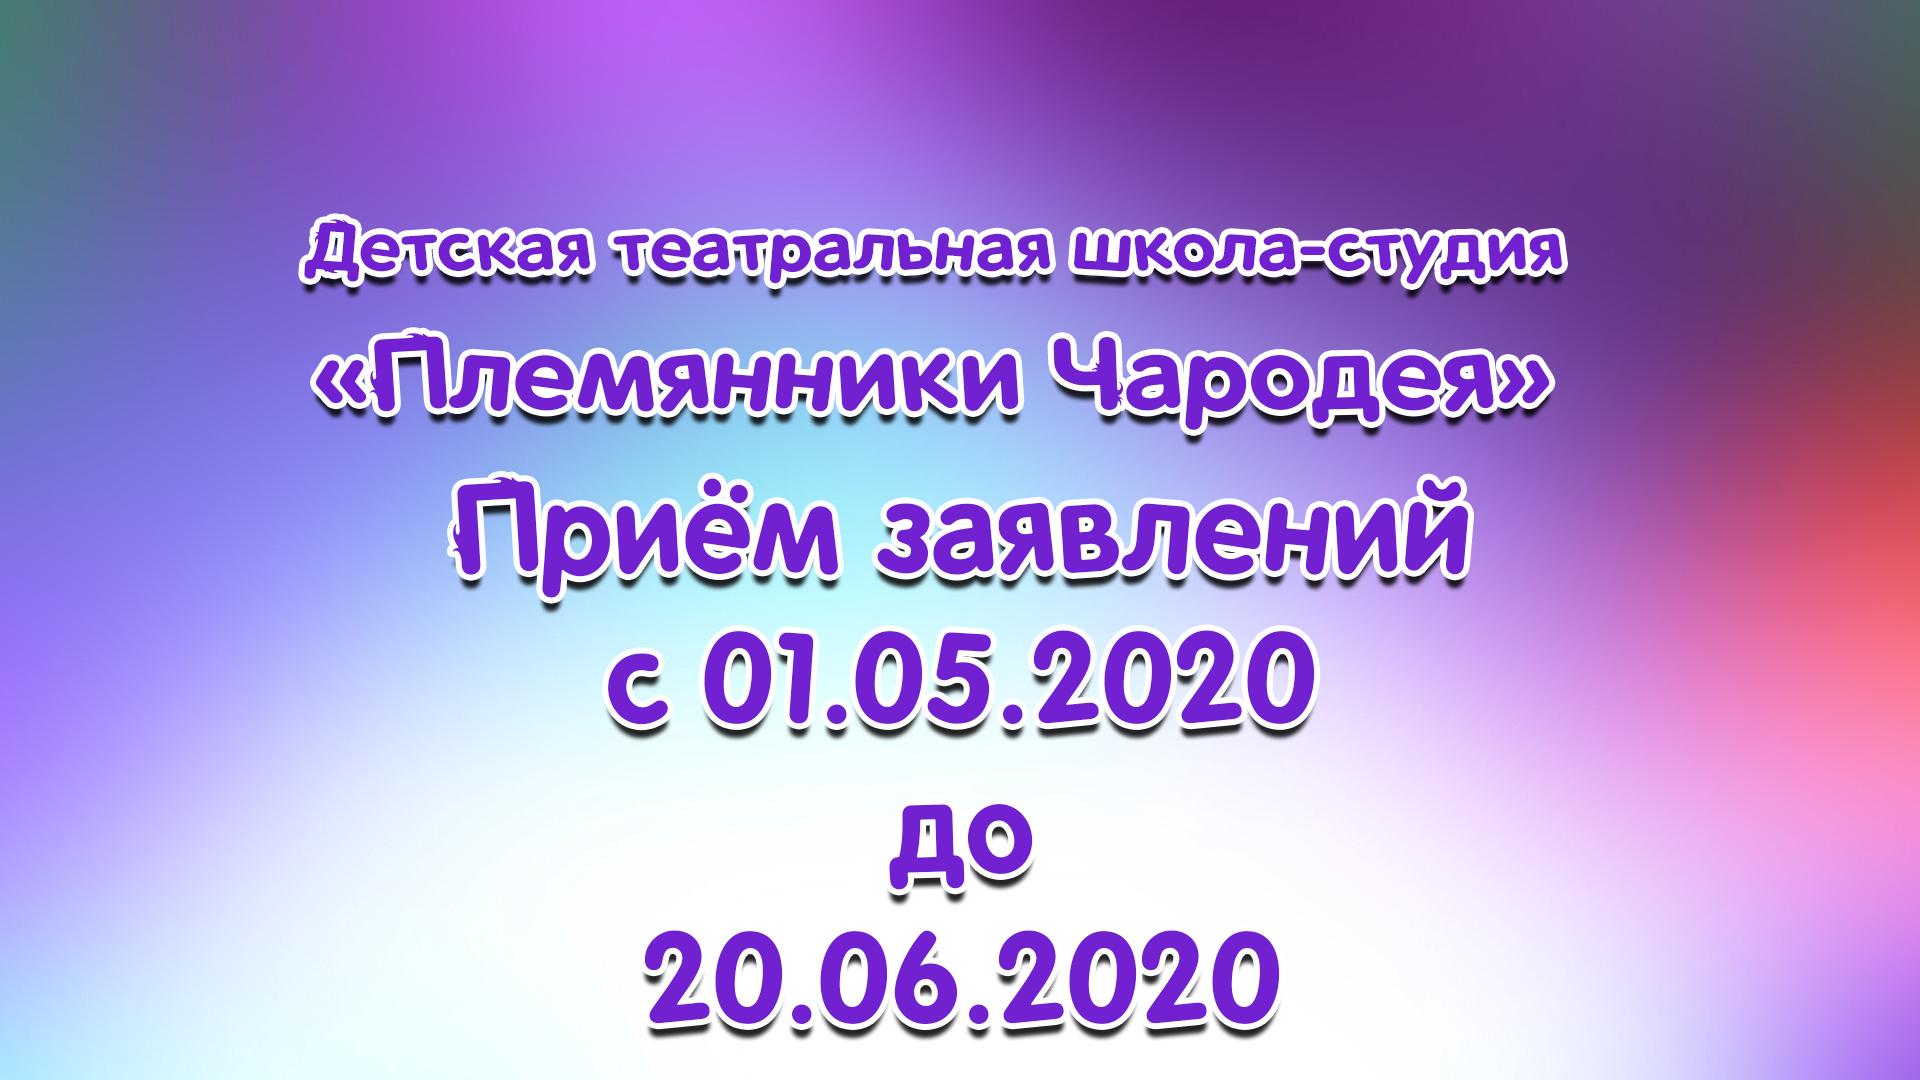 prijom_zajavlenij.jpg